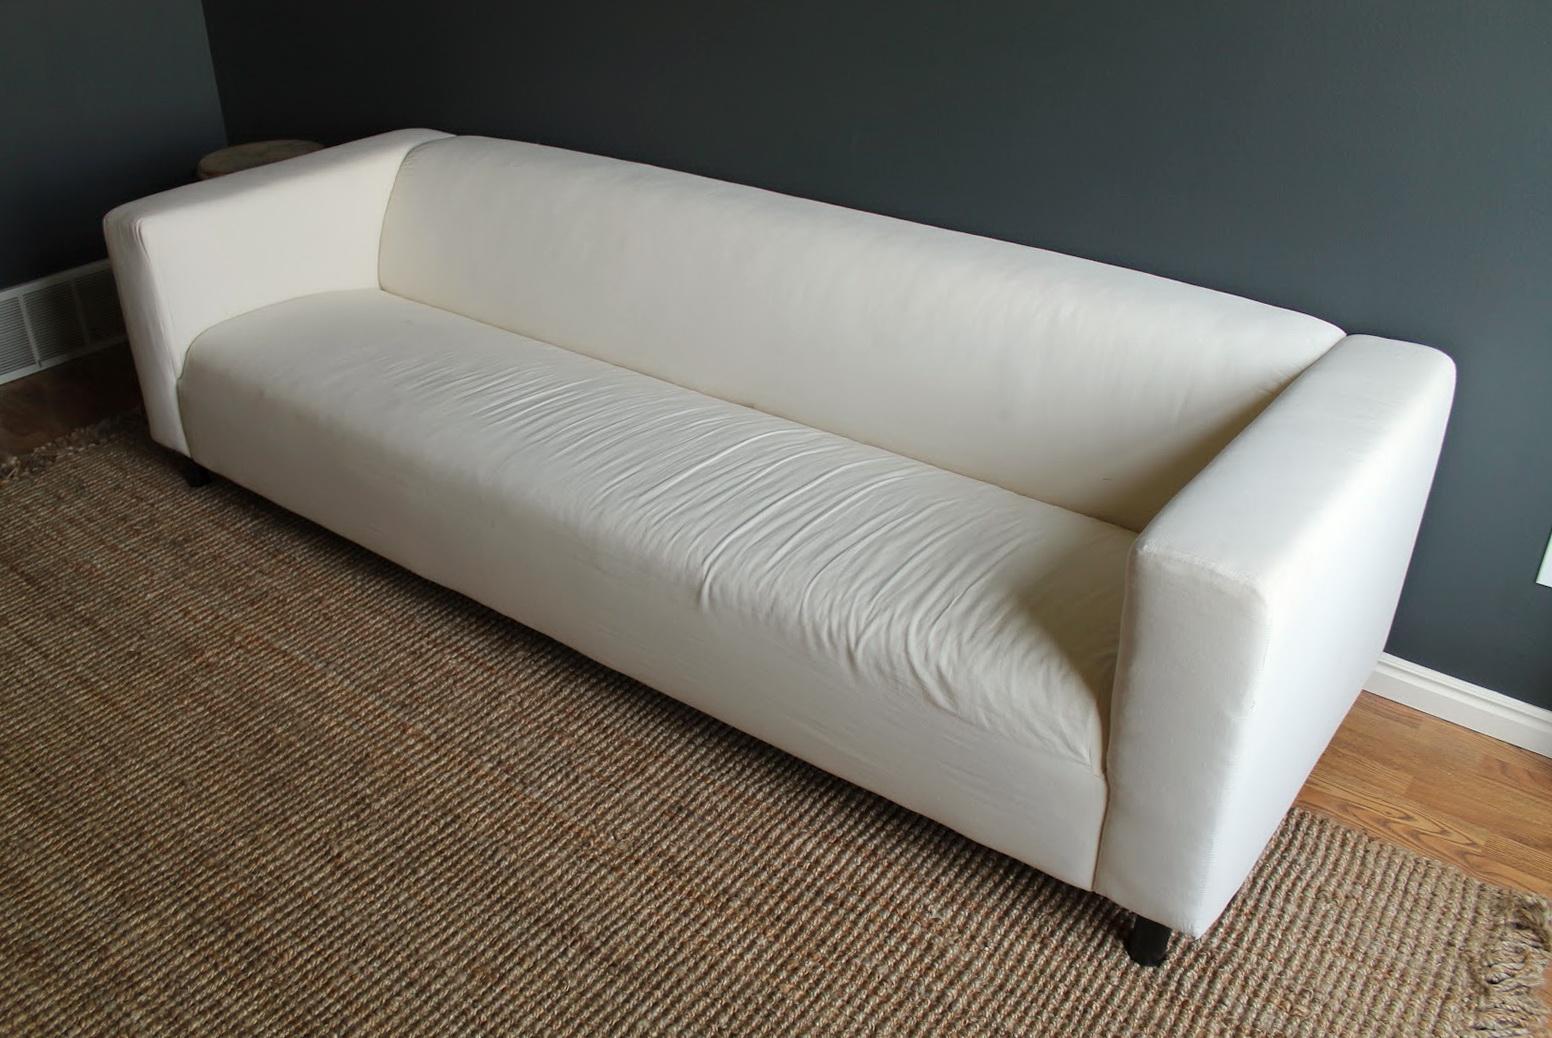 Ikea Leather Sofa Discontinued